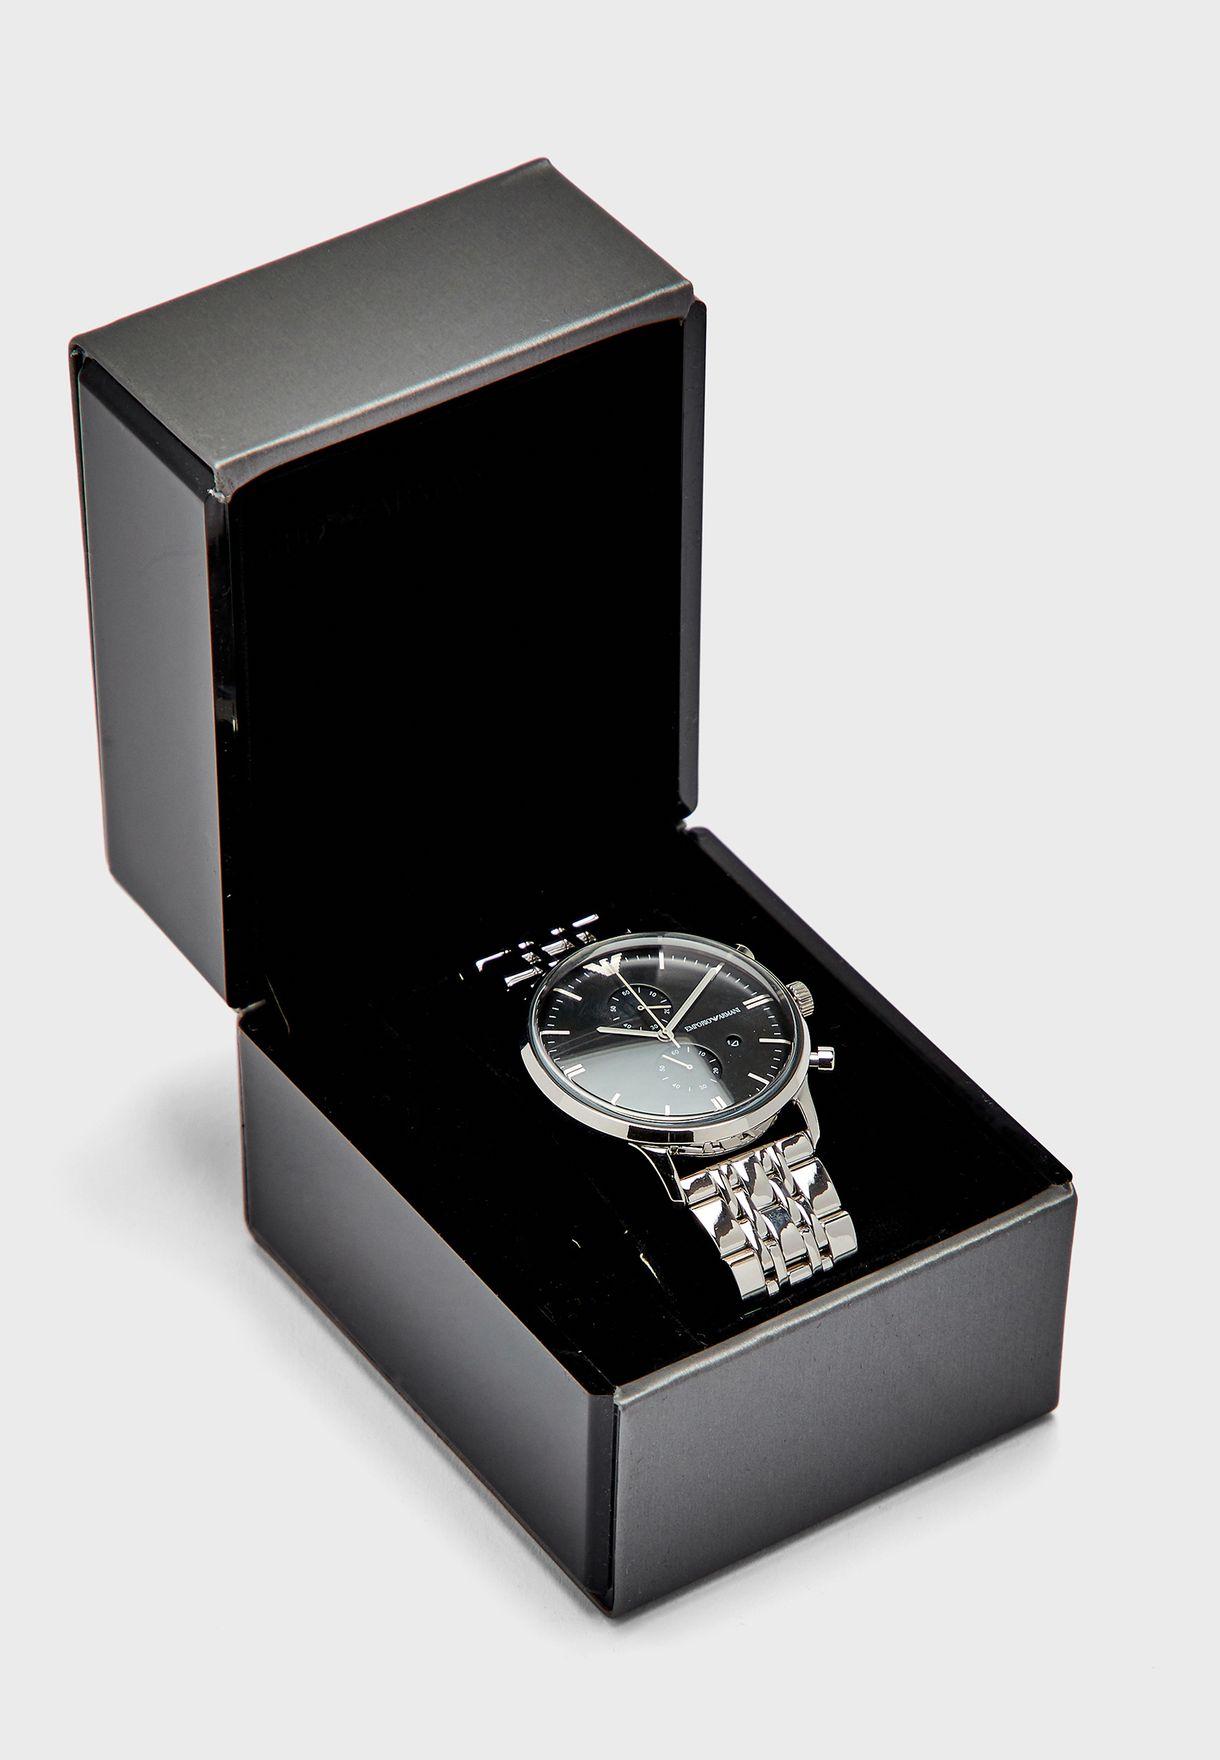 AR0389 Analog Watch